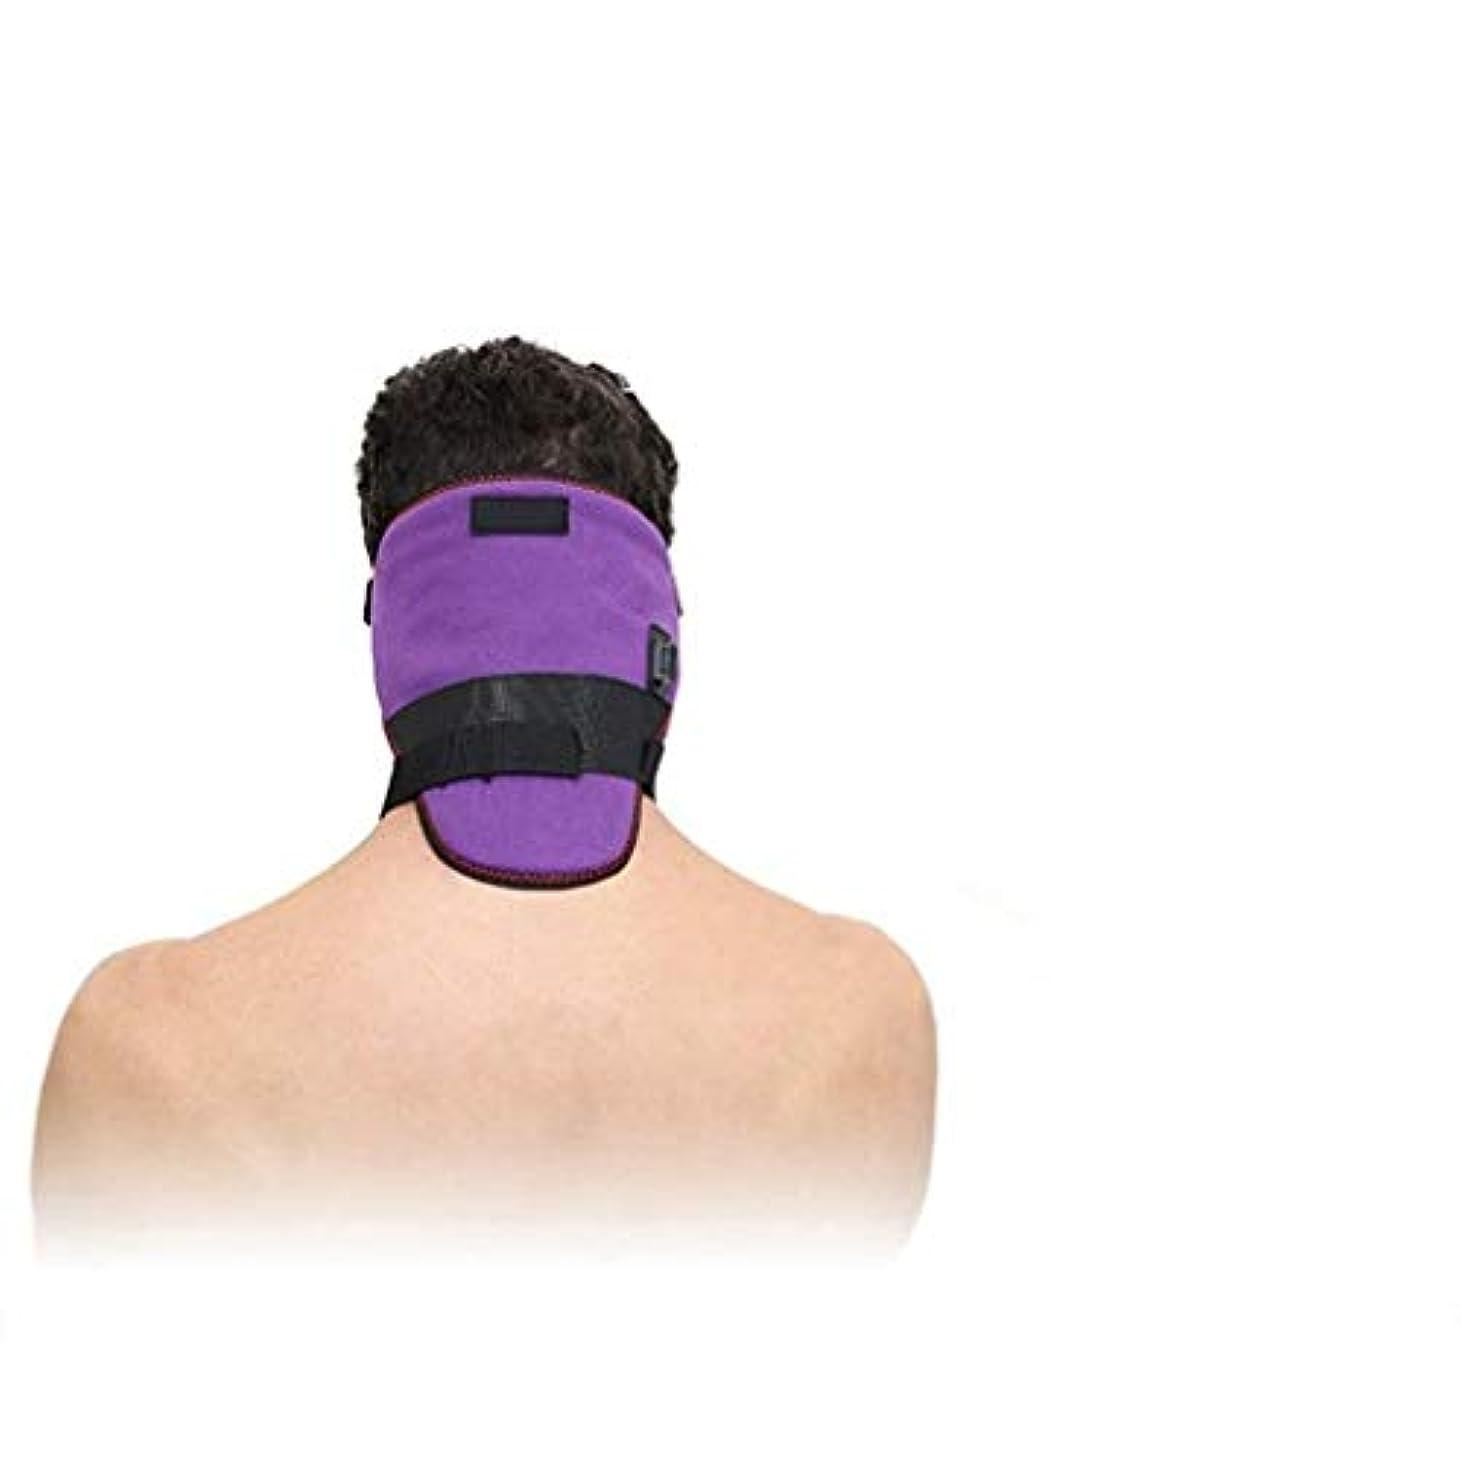 慢性的速報顕微鏡USBネックマッサージャー、加熱ネックバンドヘッドコールドプロテクション、遠赤外線ネックホットコンプレス電気頸部バンド、ホットコンプレスマッスル、血液循環の促進、男性